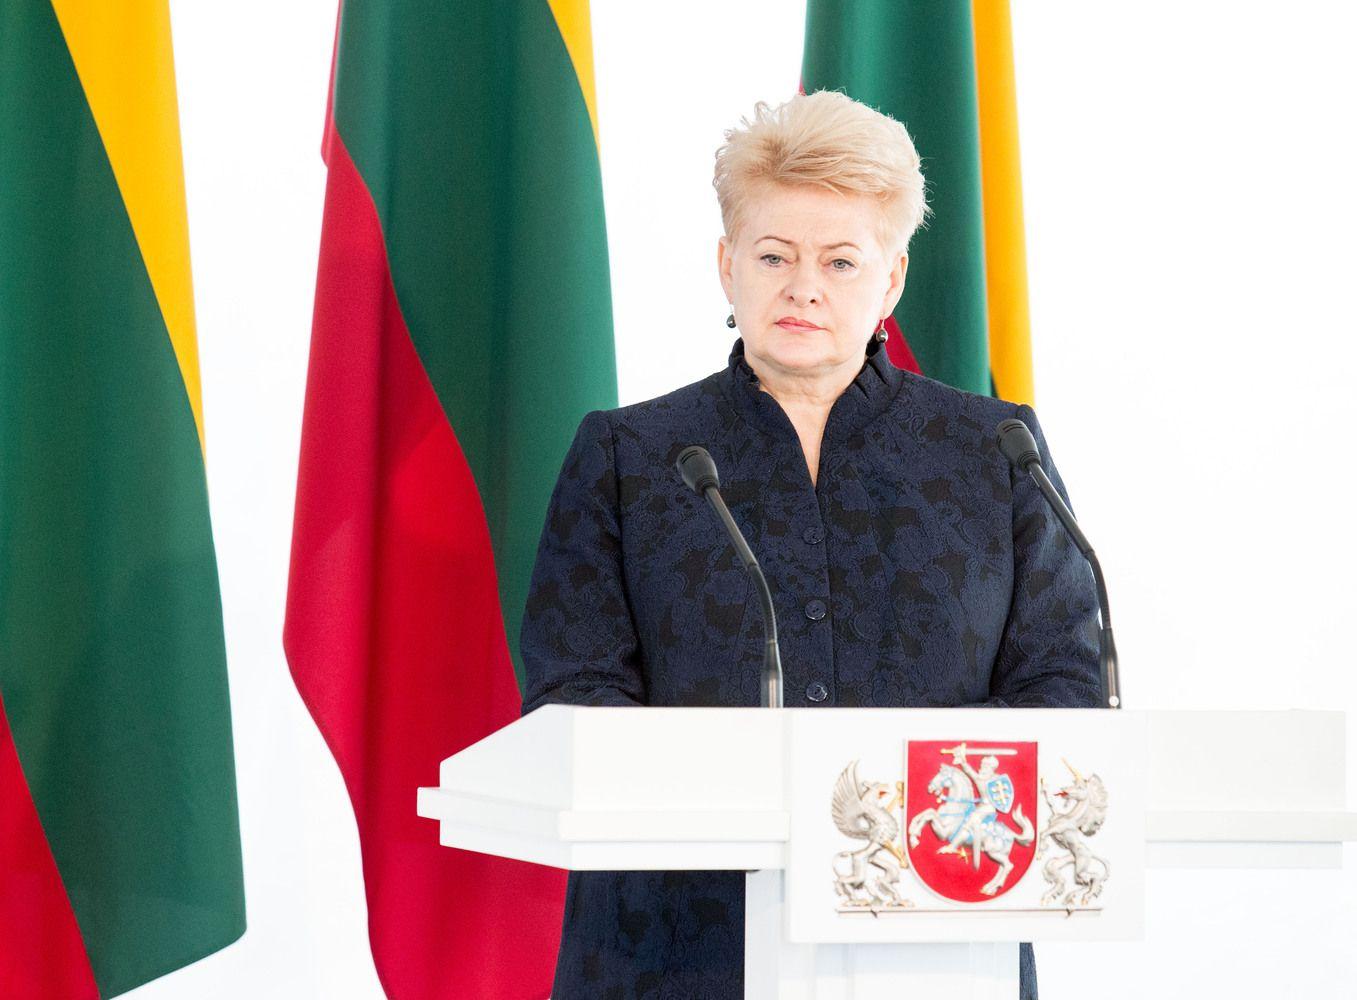 Prezidentė apie santykius su Lenkija: privaloma abipusė pagarba